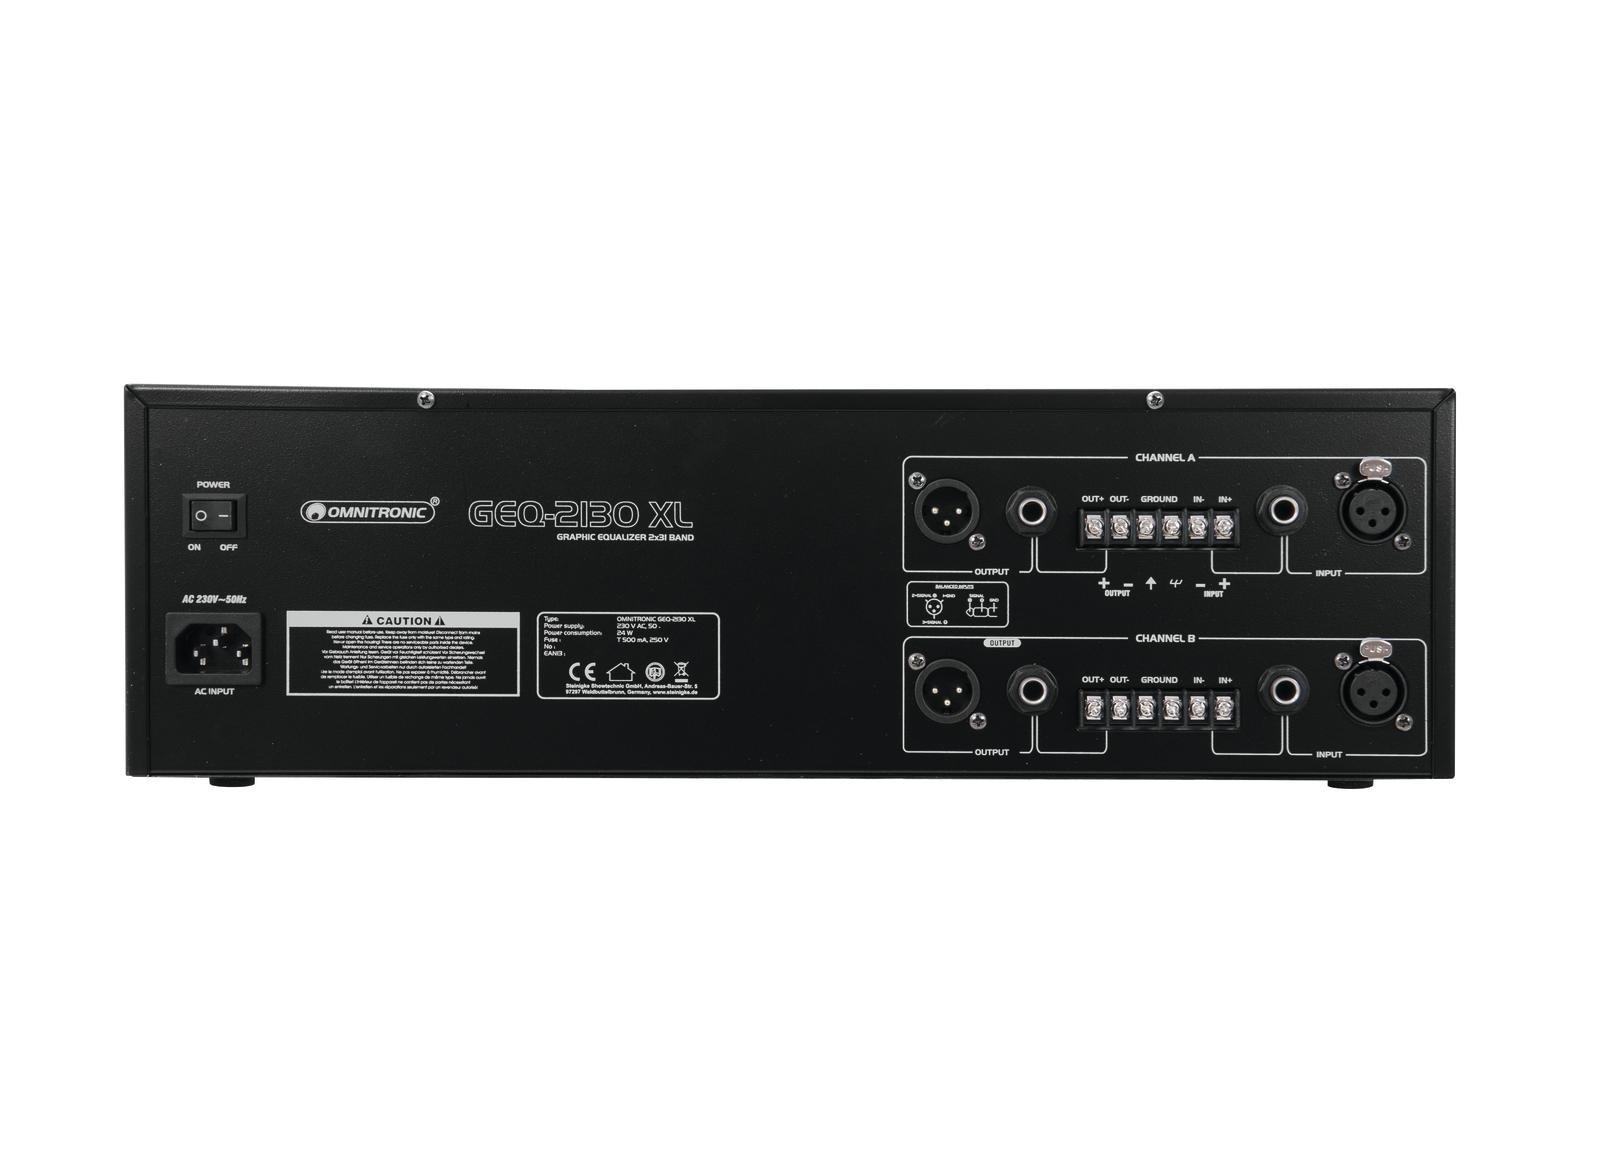 Omnitronic GEQ-2310XL